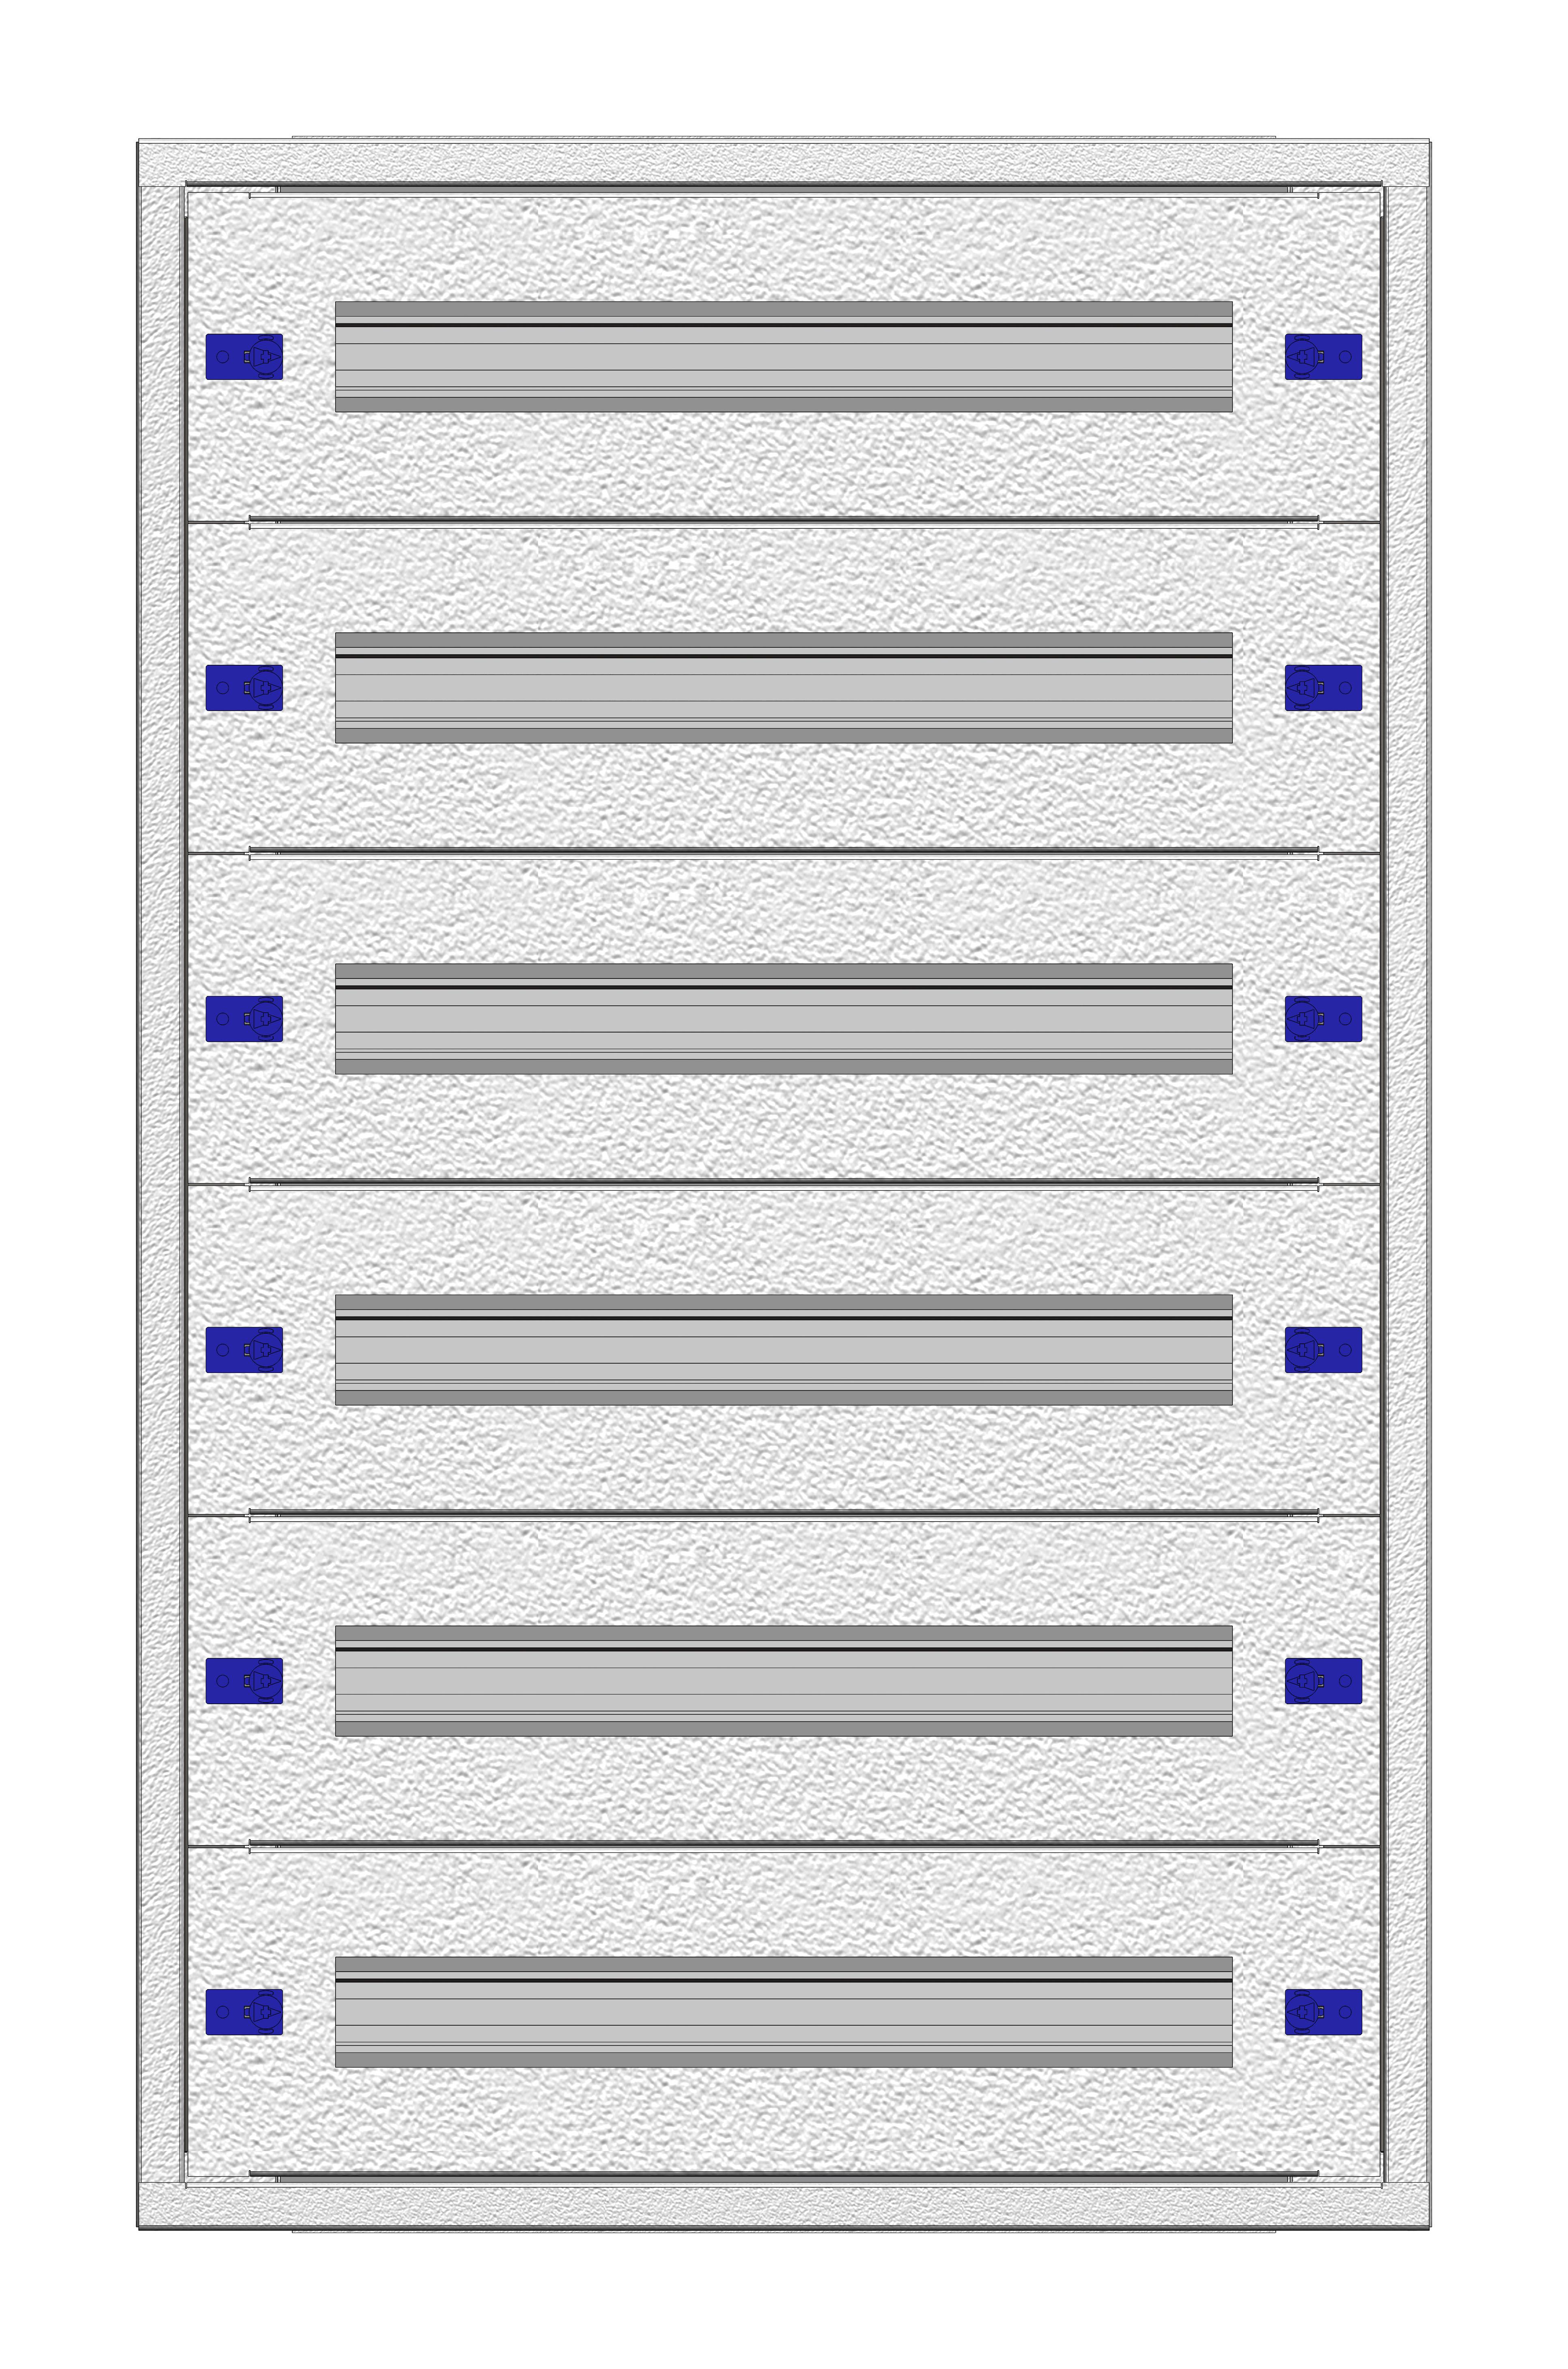 1 Stk Aufputz-Installationsverteiler 2A-18L, H915B590T250mm IL172218AK